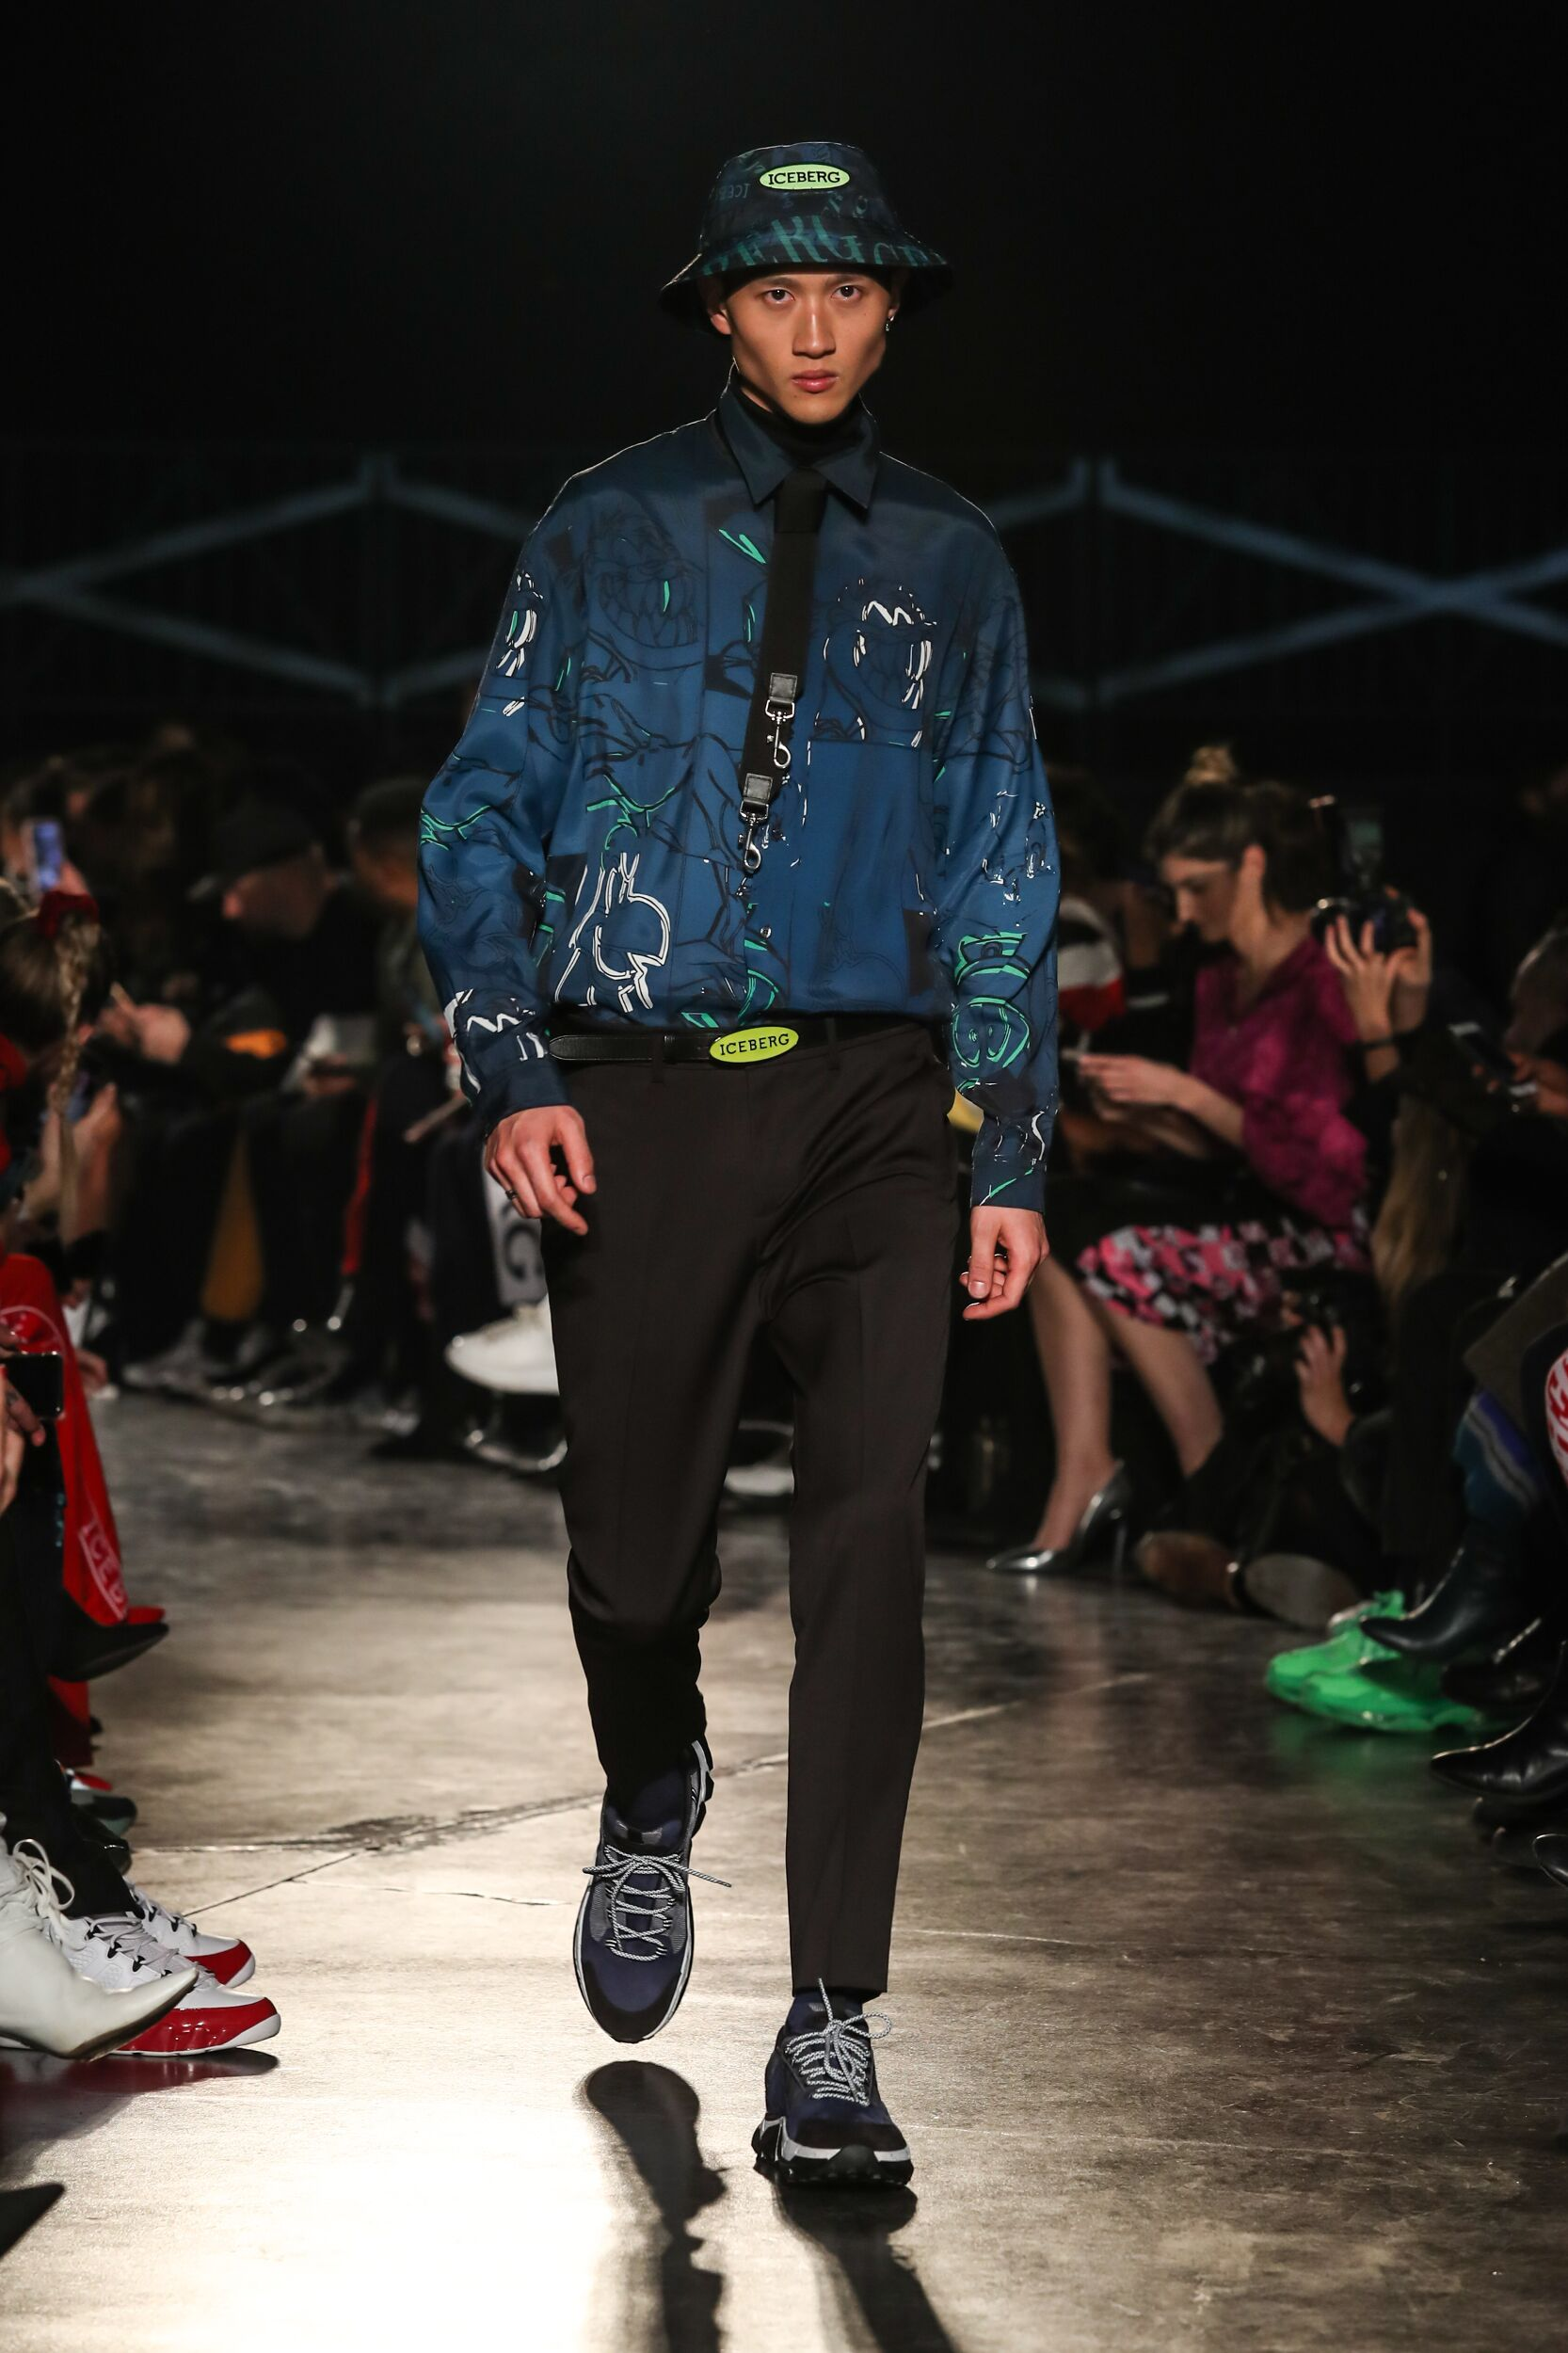 Iceberg Milan Fashion Week Menswear Trends